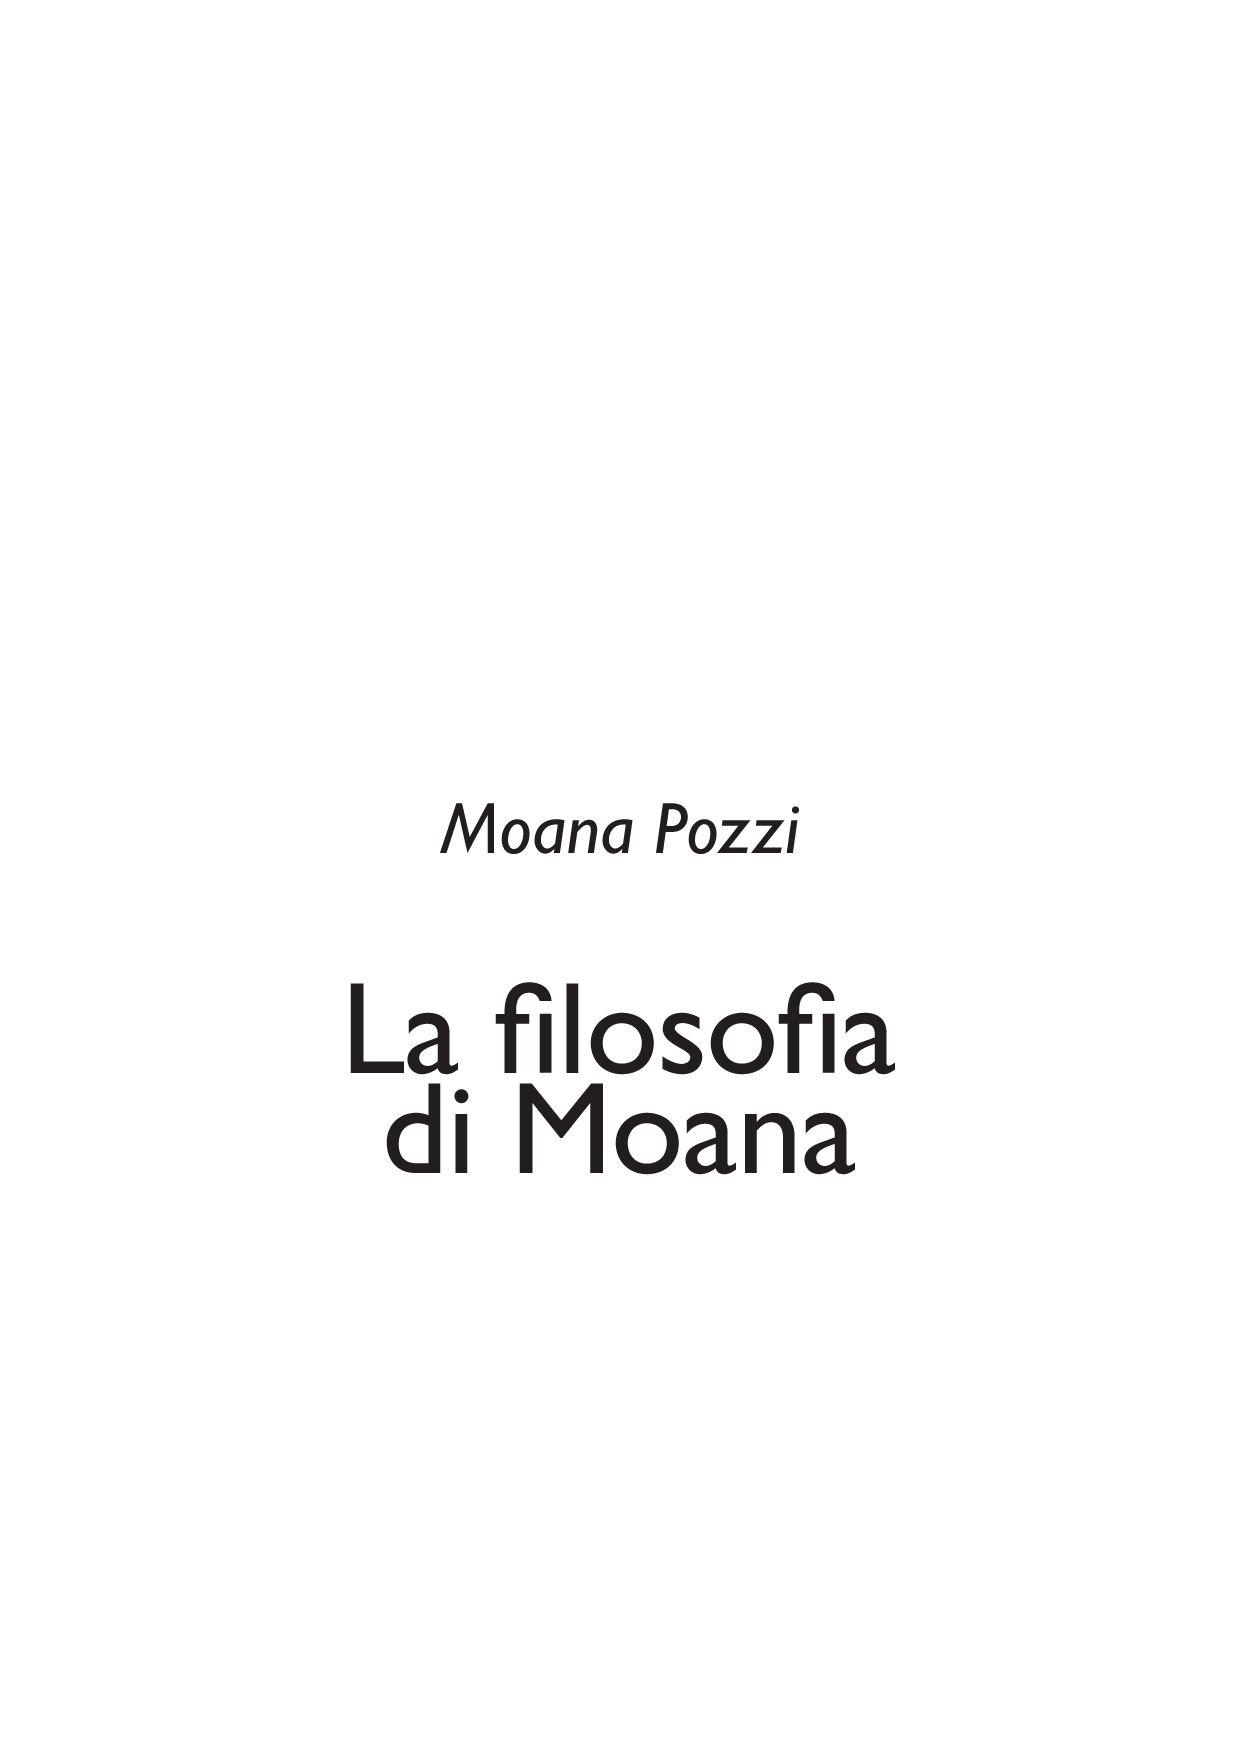 Culo Di Moana Pozzi moana pozzi - diario segretospeedy.web - issuu